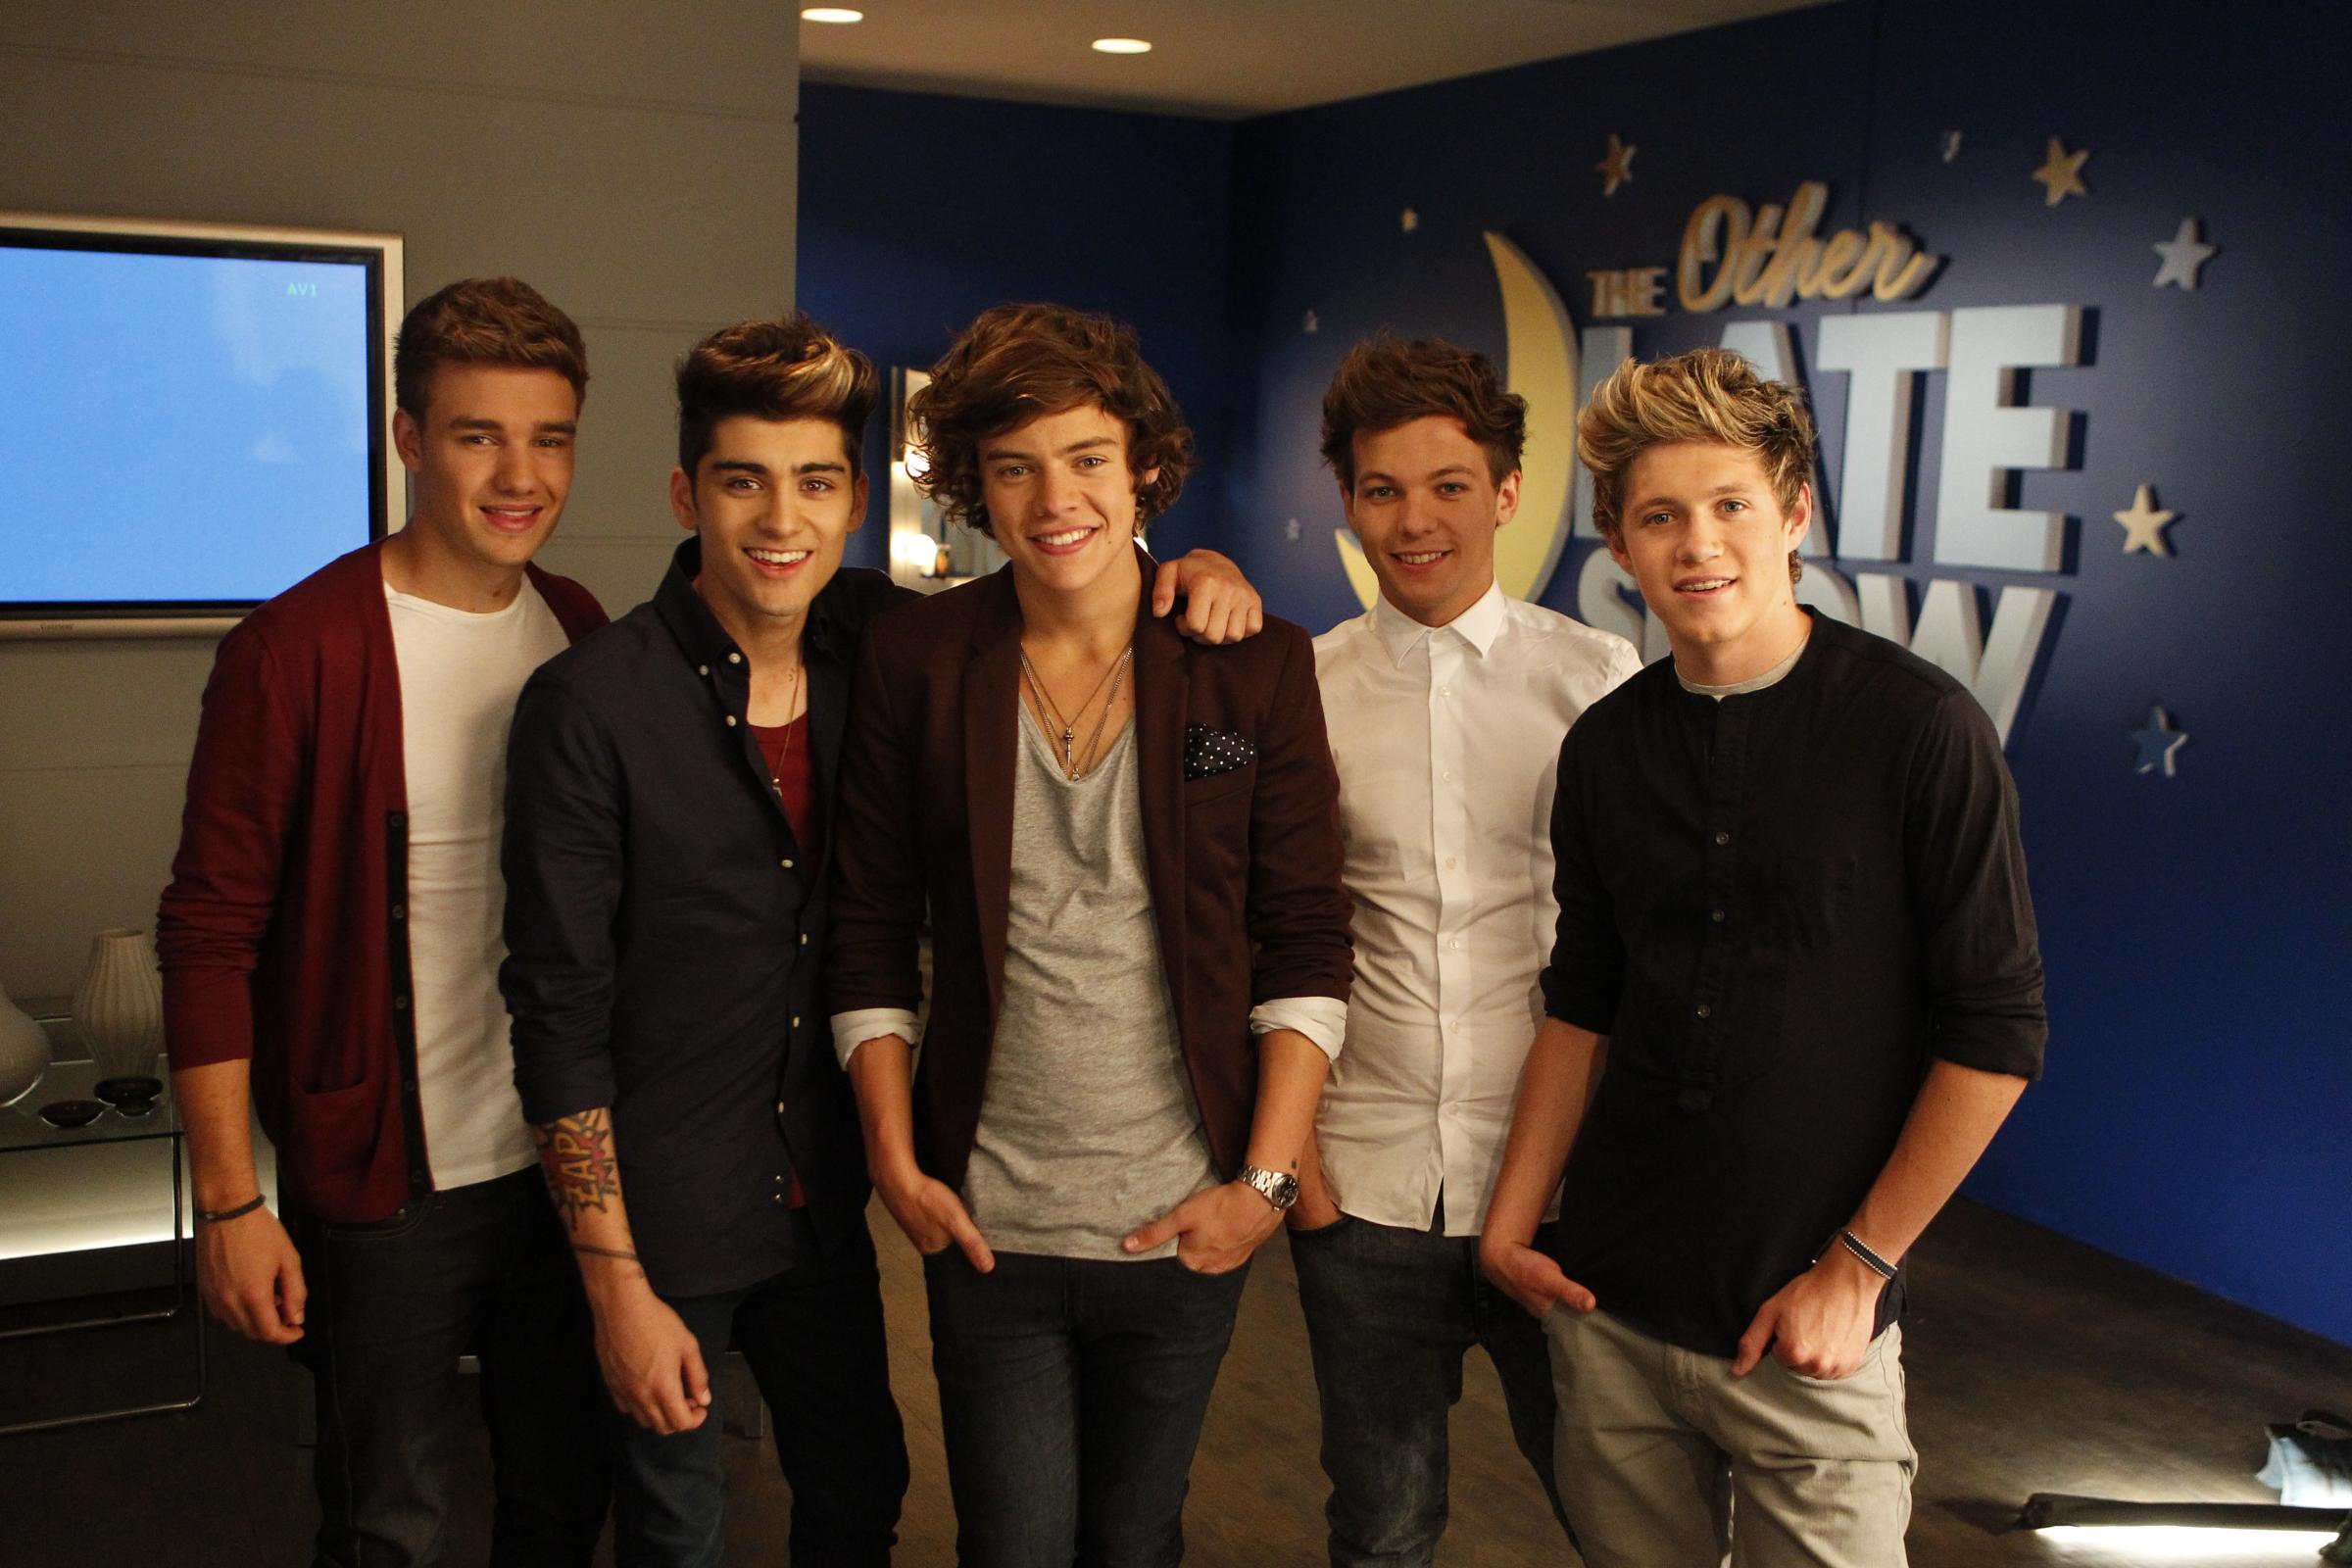 Фотография One Direction.  Добавь.  Обсуждения.  Альбом.  One Direction вместе 3. 1000.